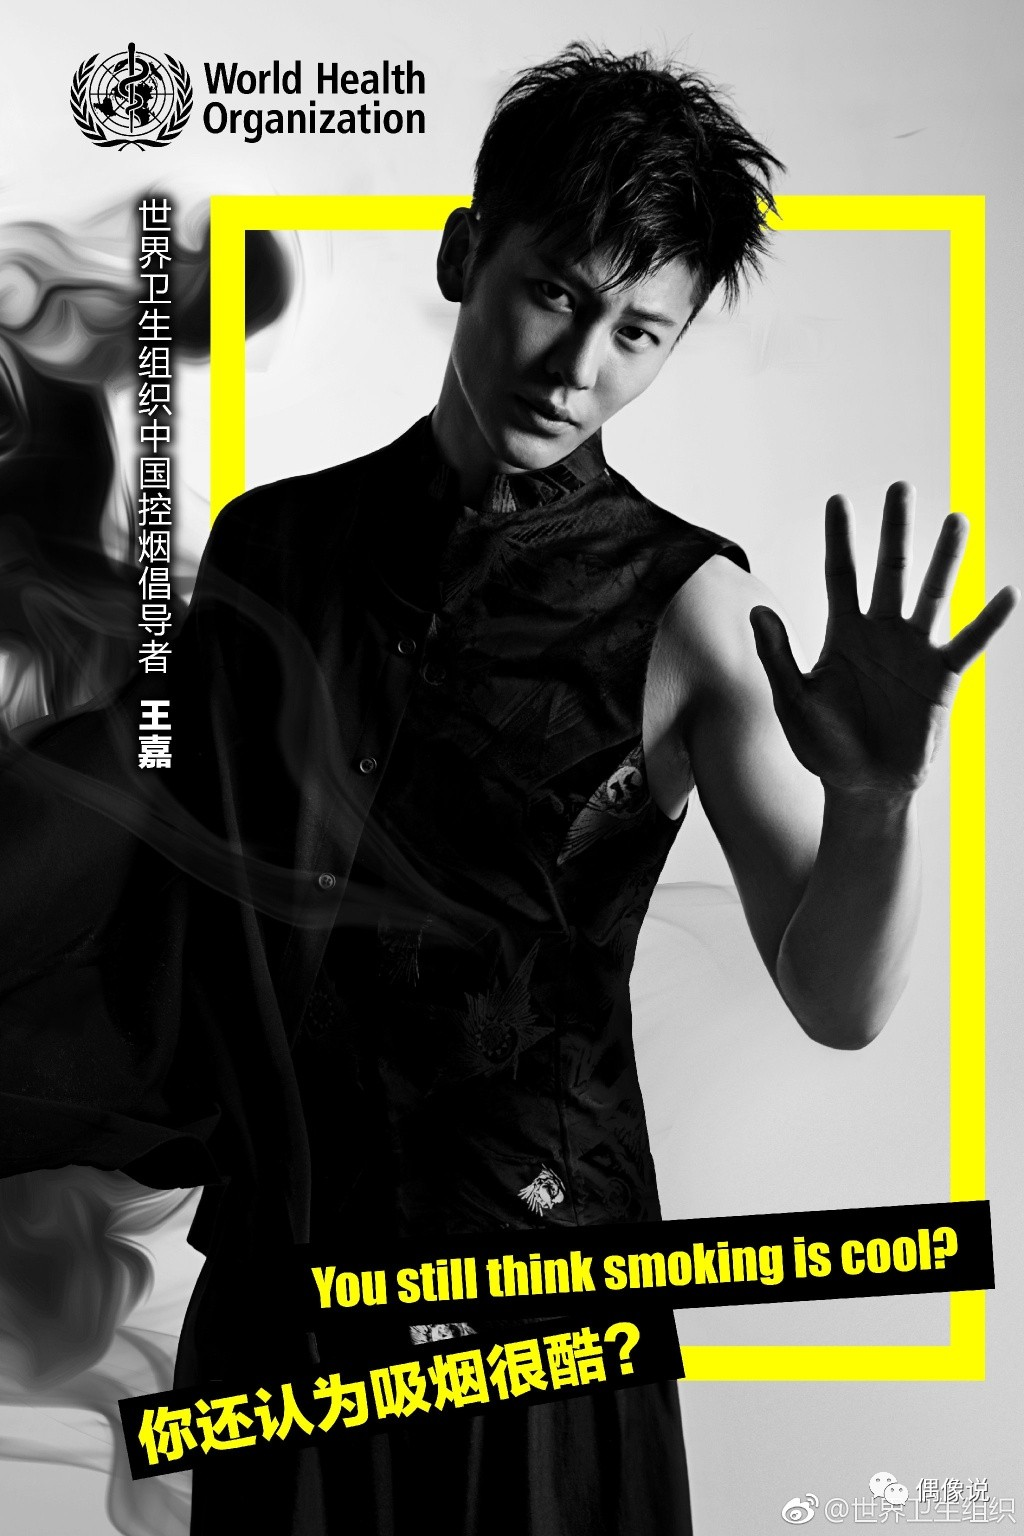 易烊千玺的禁烟装扮帅爆了!